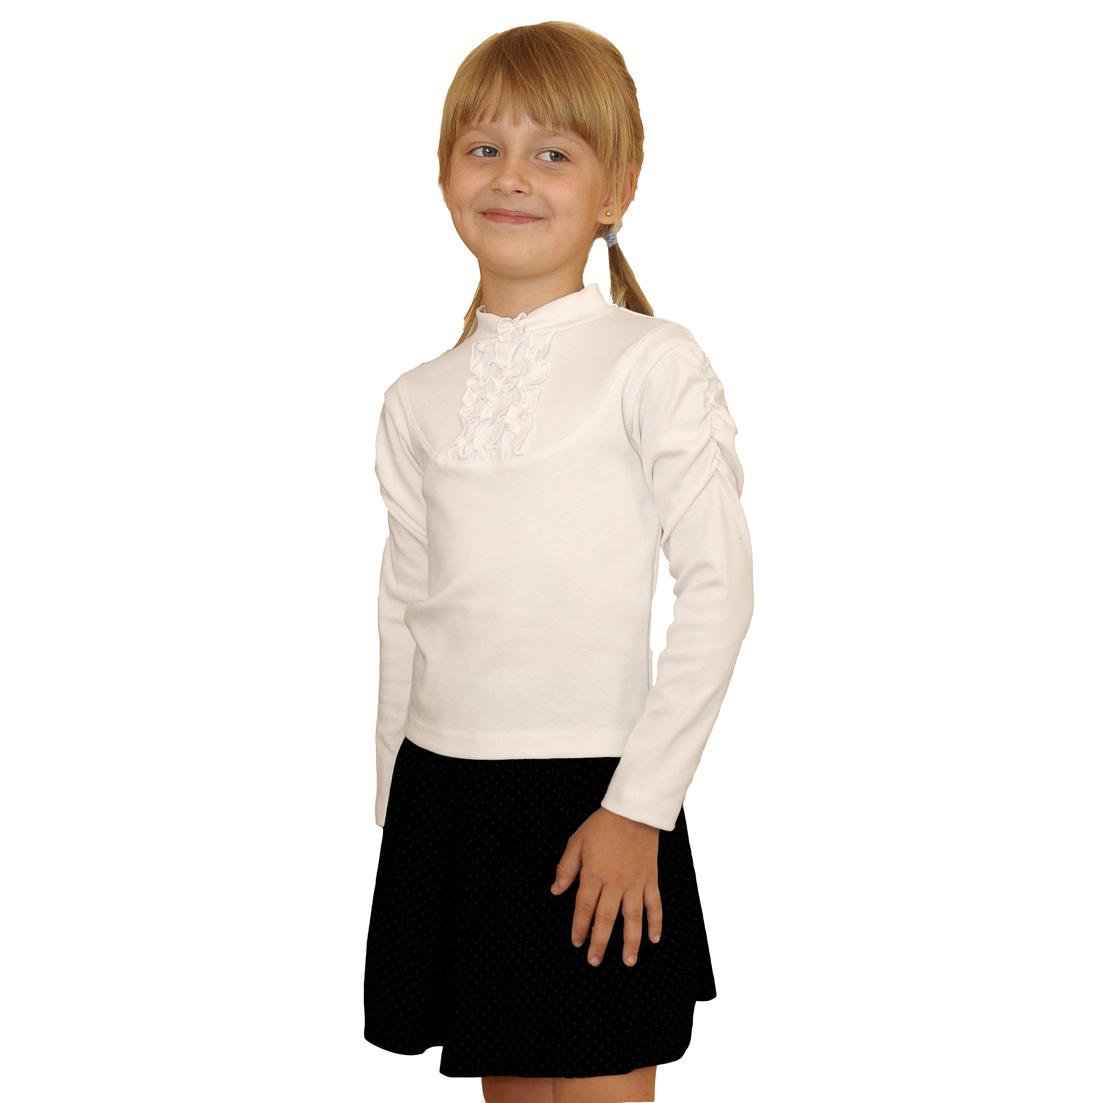 Блузки Школьные Водолазки